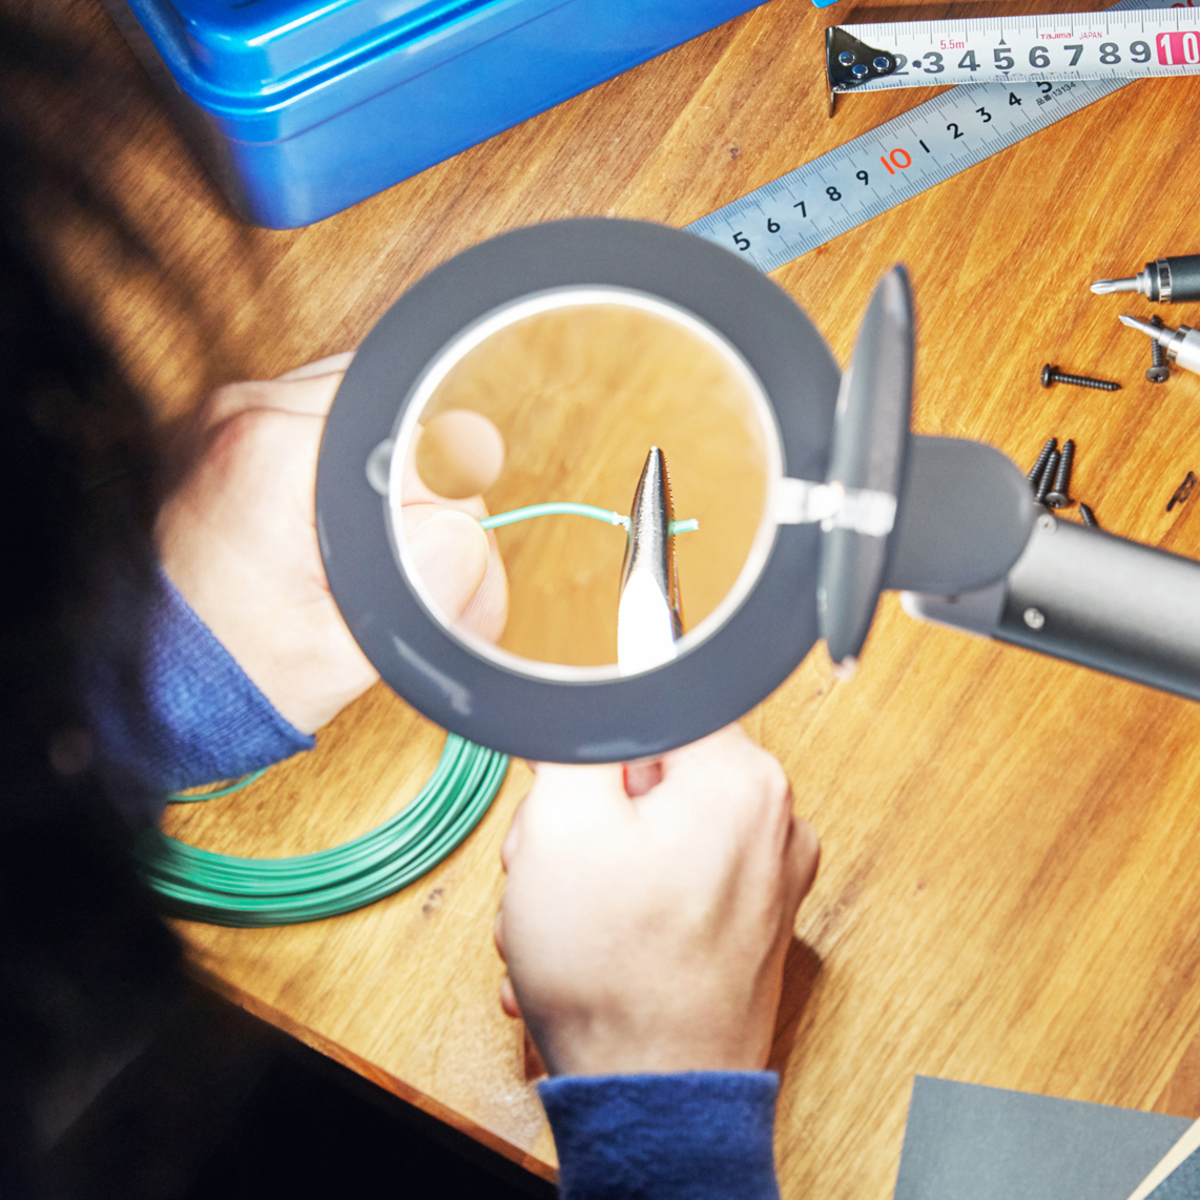 薄さ4cmにたためる「目が楽ライト」 コードレスで使えて、隙間に収納できる!手元を大きく・明るく照らす、ルーペ付き太陽光LEDの「デスクライト」 daylight - Halo Go